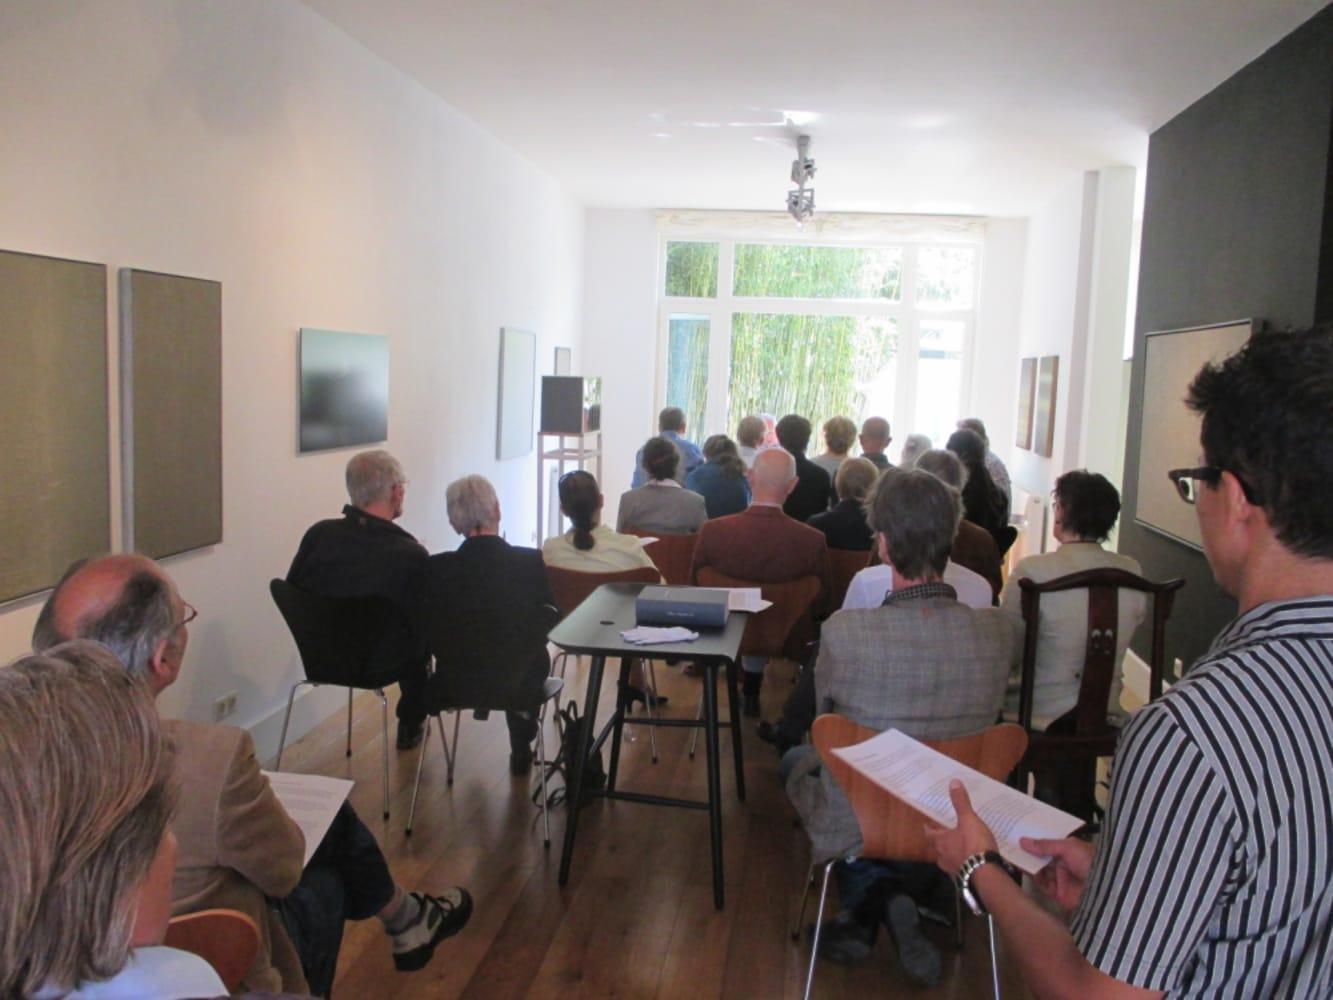 Marcel Wesdorp, Over het werk van Marcel Wesdorp met filosoof Eric Bolle